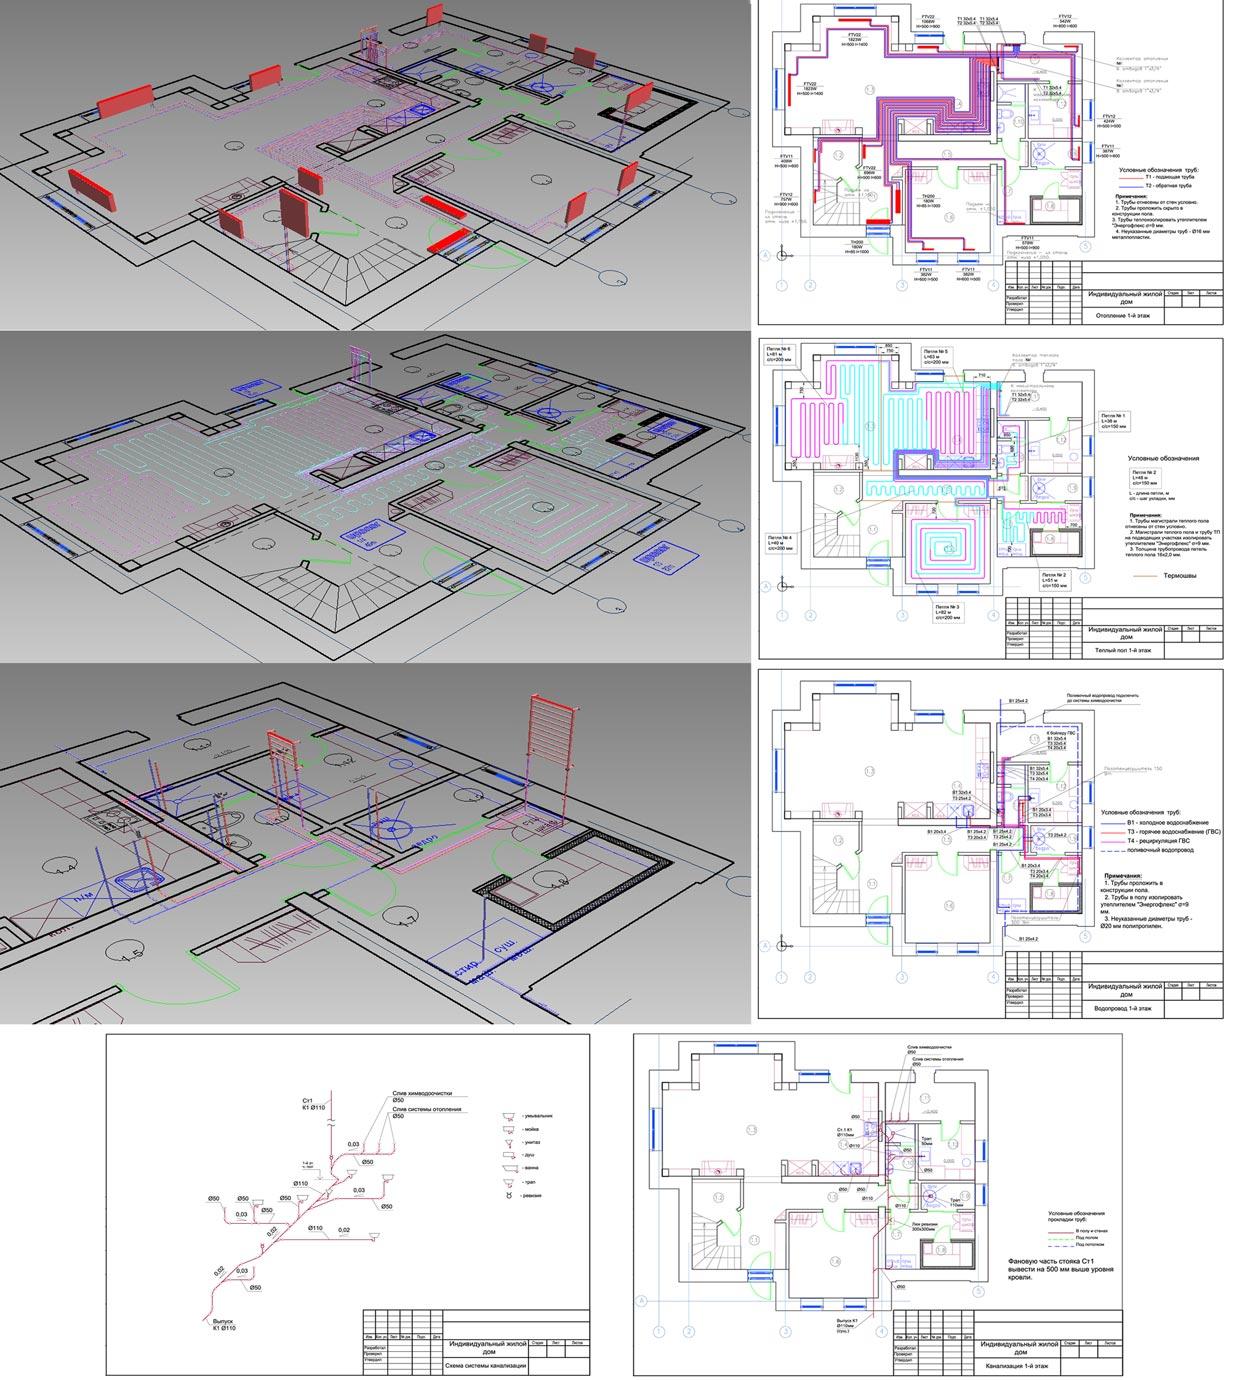 radiateur gaz comment ca marche amiens issy les moulineaux boulogne billancourt etablir un. Black Bedroom Furniture Sets. Home Design Ideas